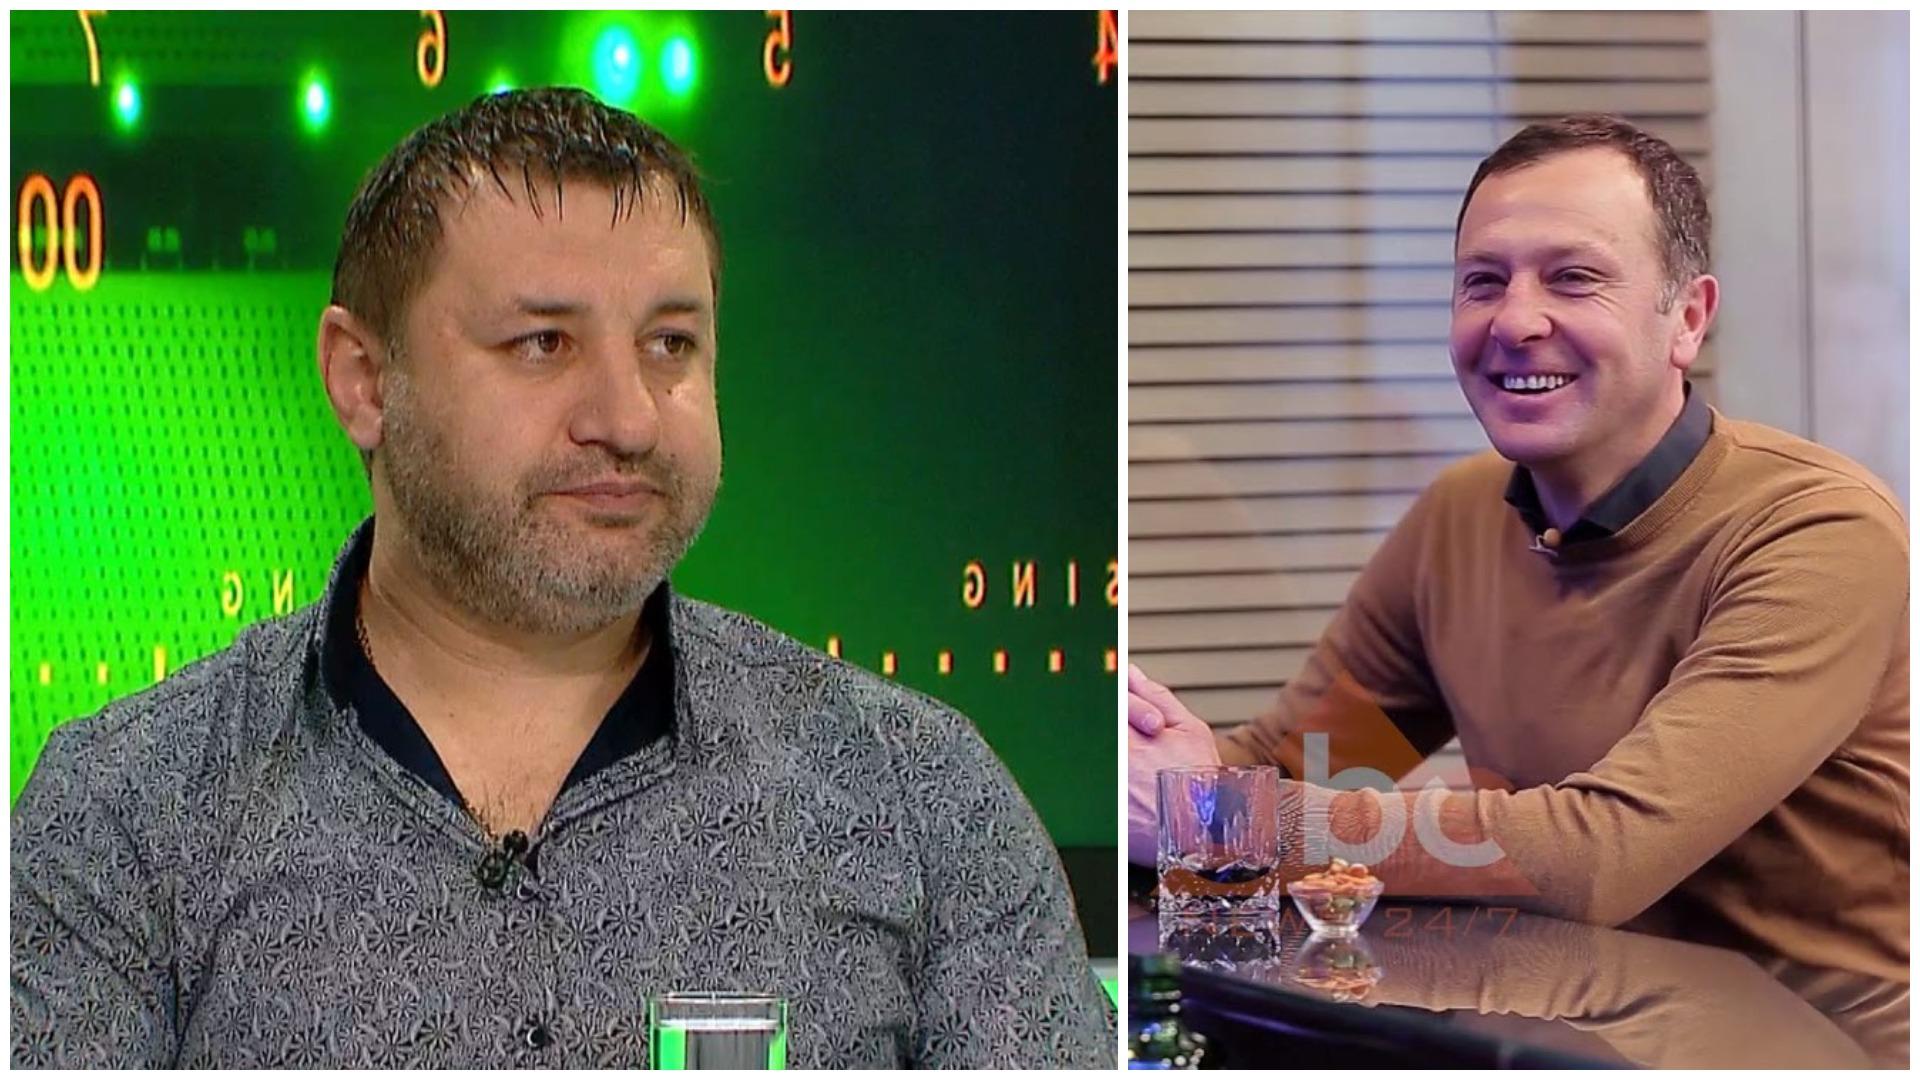 """Dabullës """"i djeg"""" penalltia në Shkodër, Jupi: Sejdini i ngacmoi, patëm probleme"""